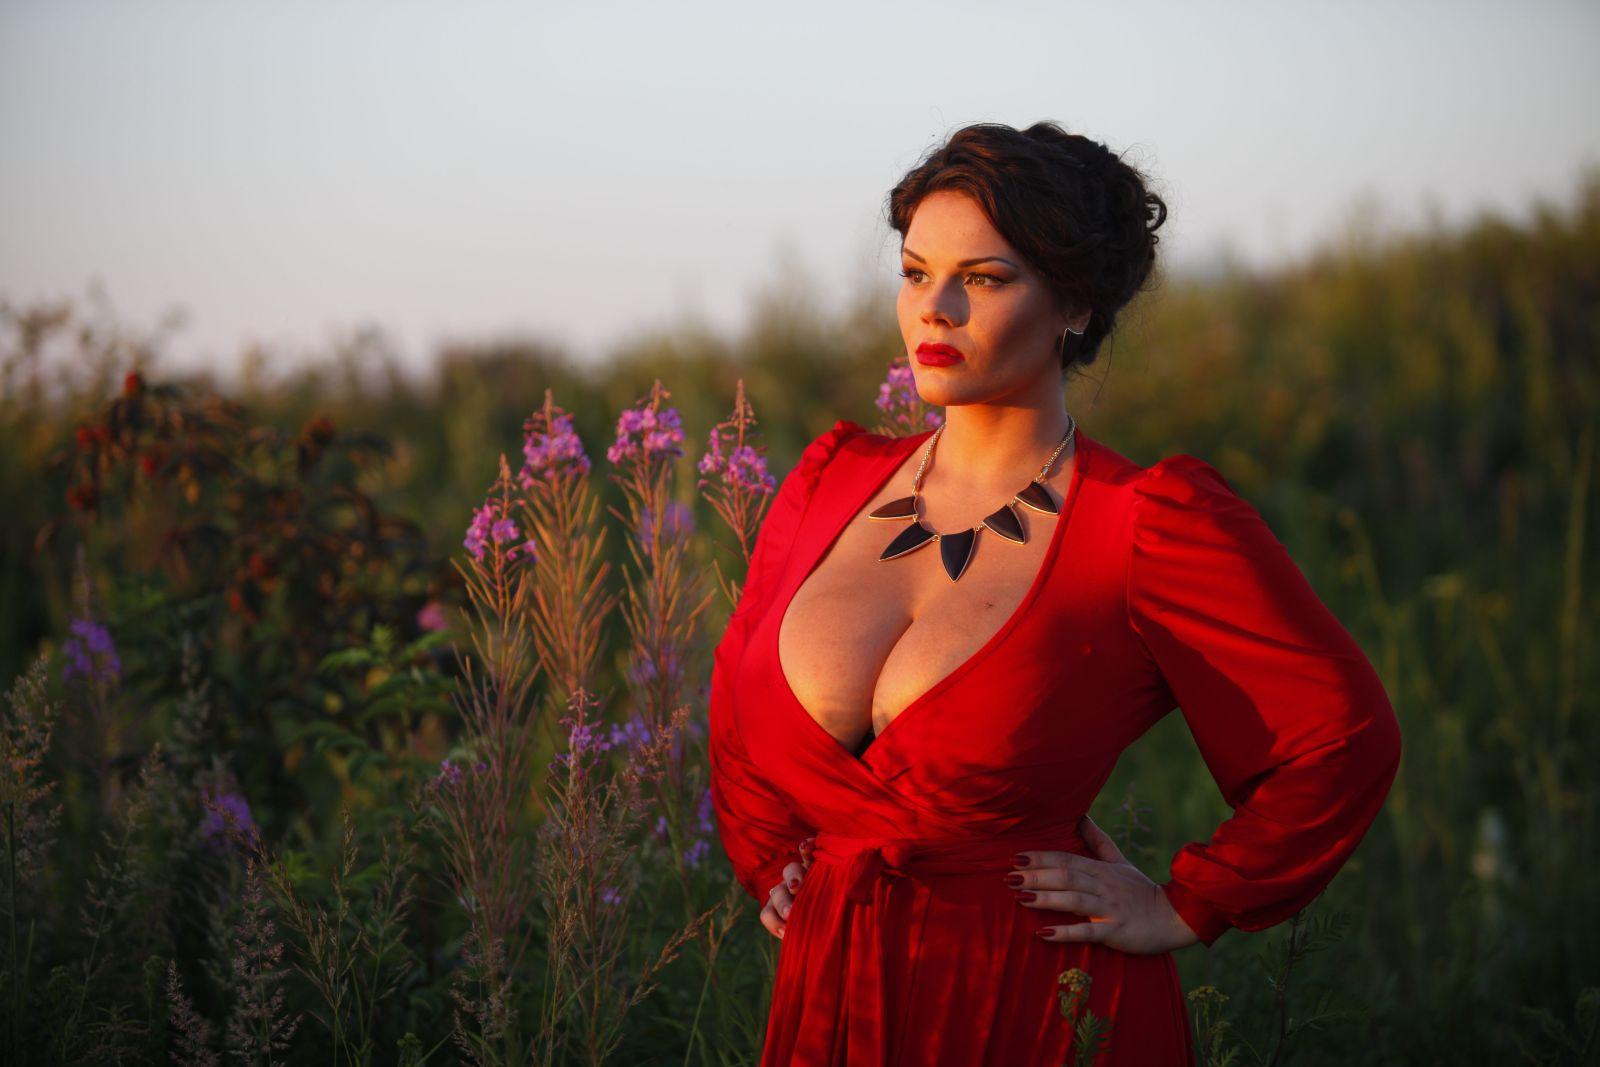 Самые большие груди казахстана 8 фотография